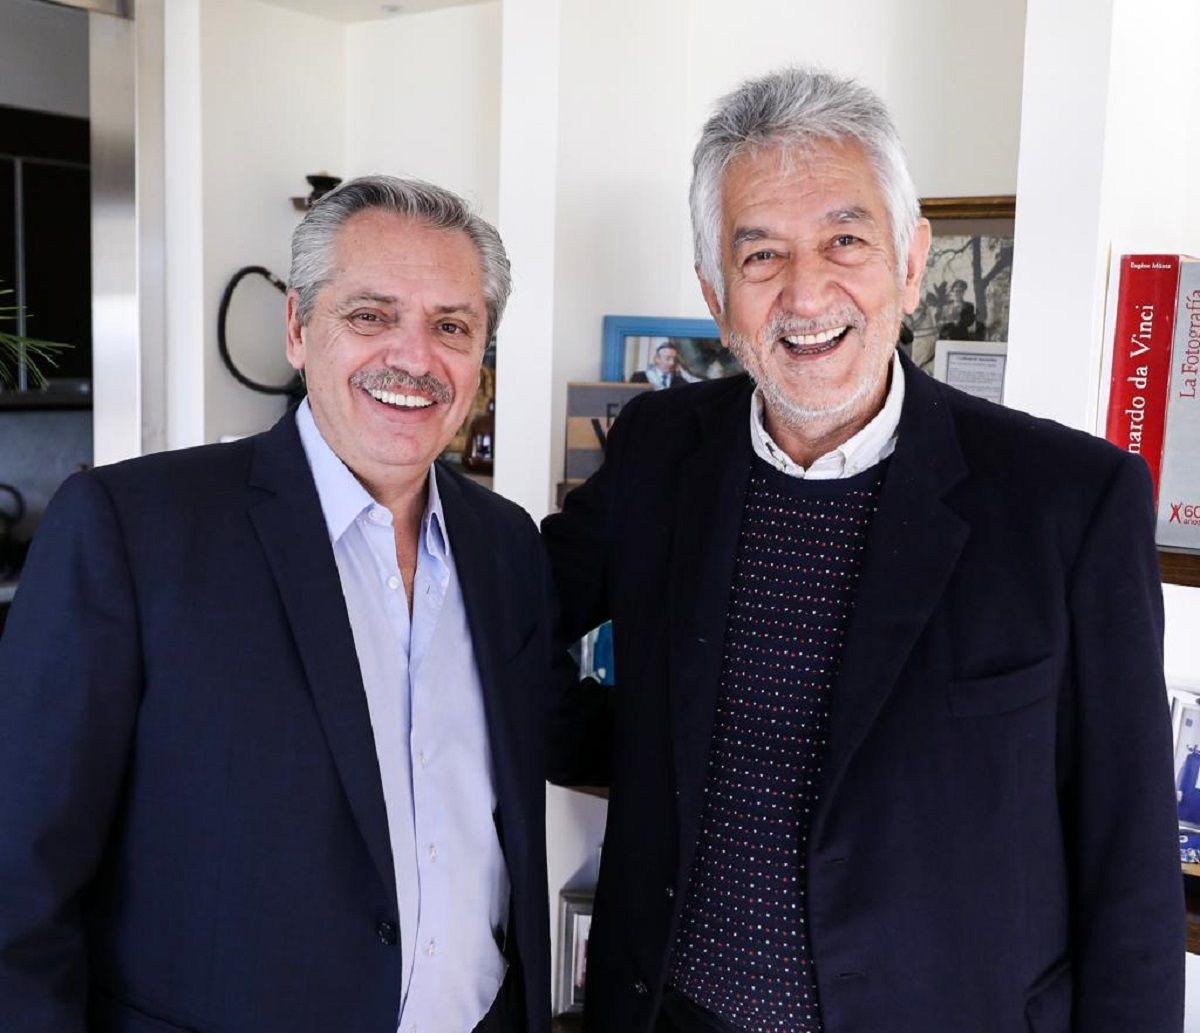 Alberto Fernández sumó al único gobernador peronista que le faltaba